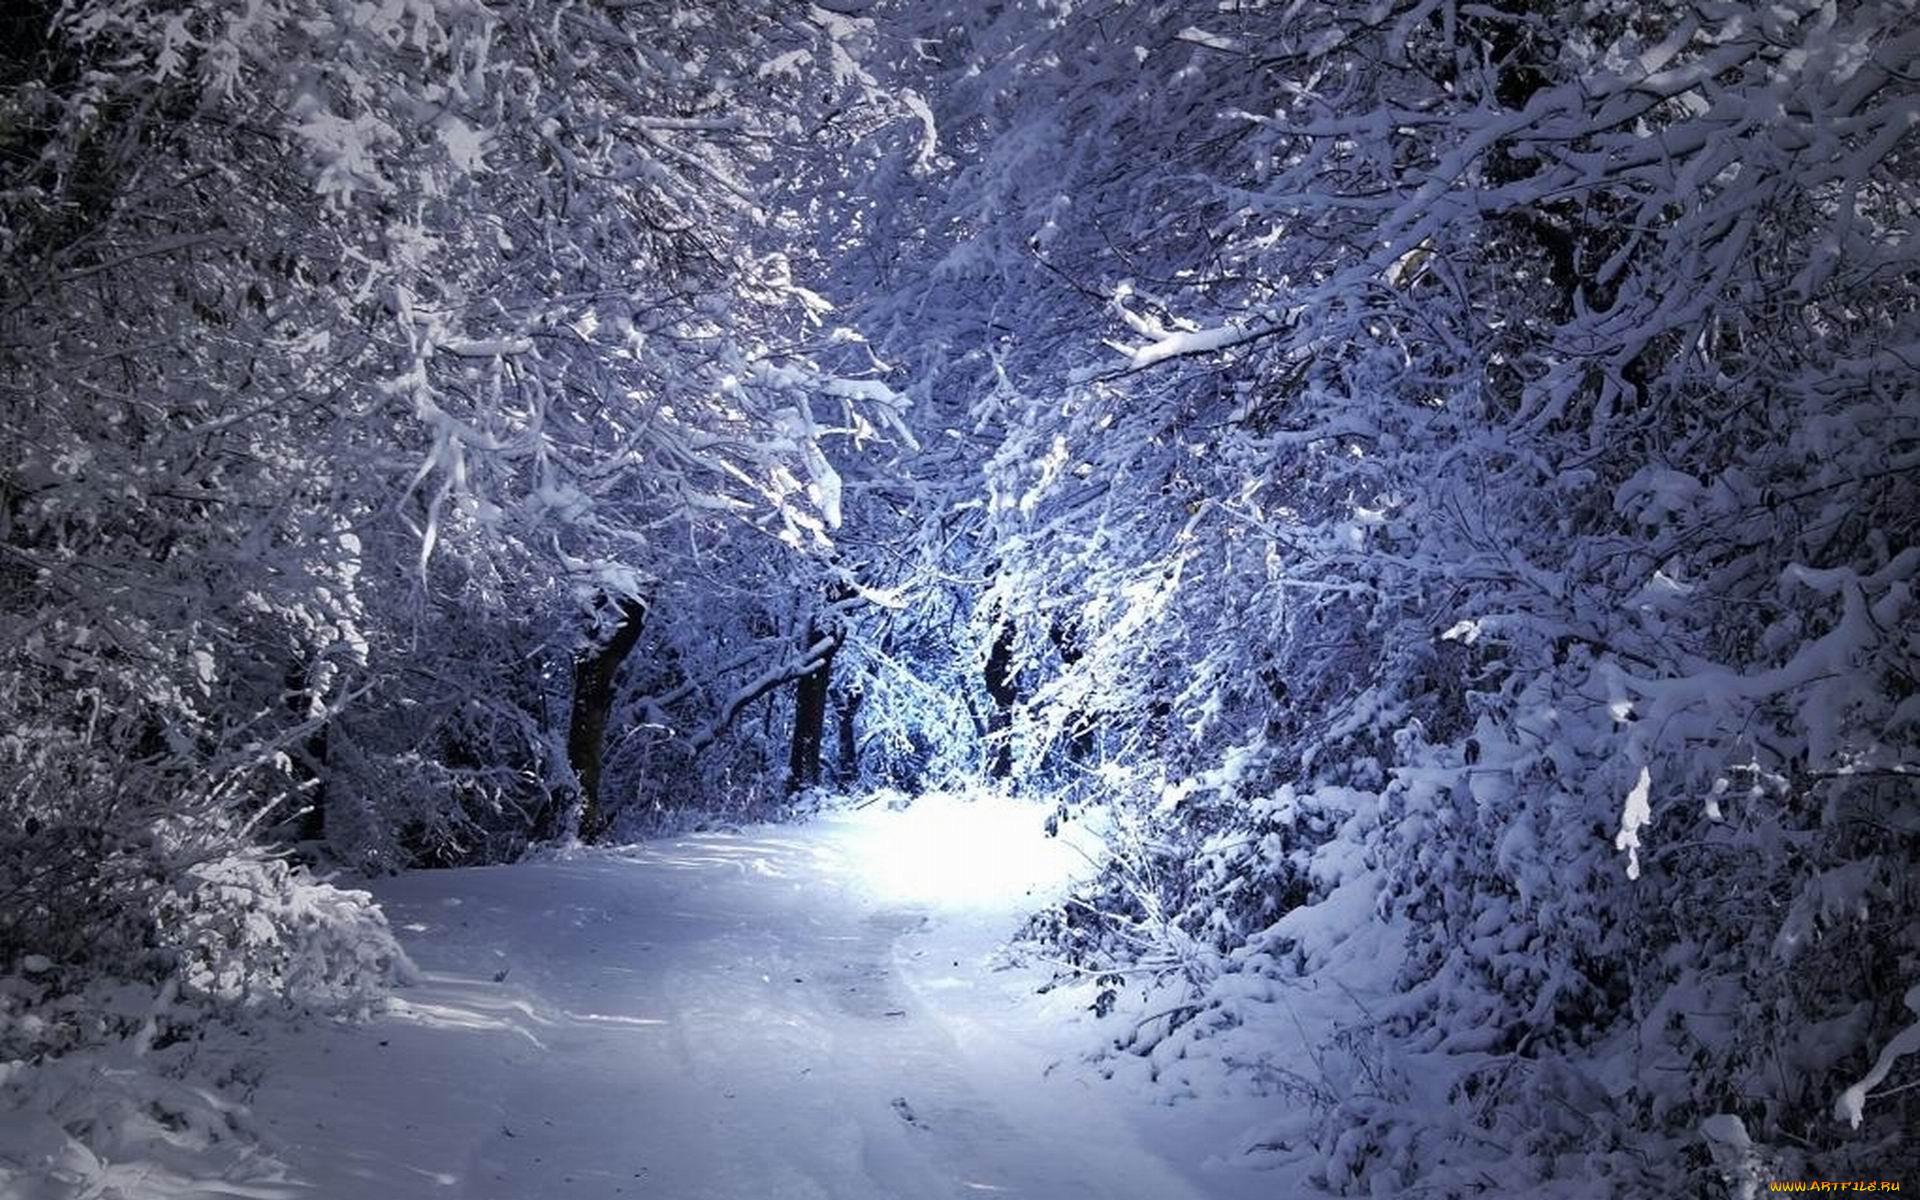 зима новый год обои на рабочий стол высокого качества